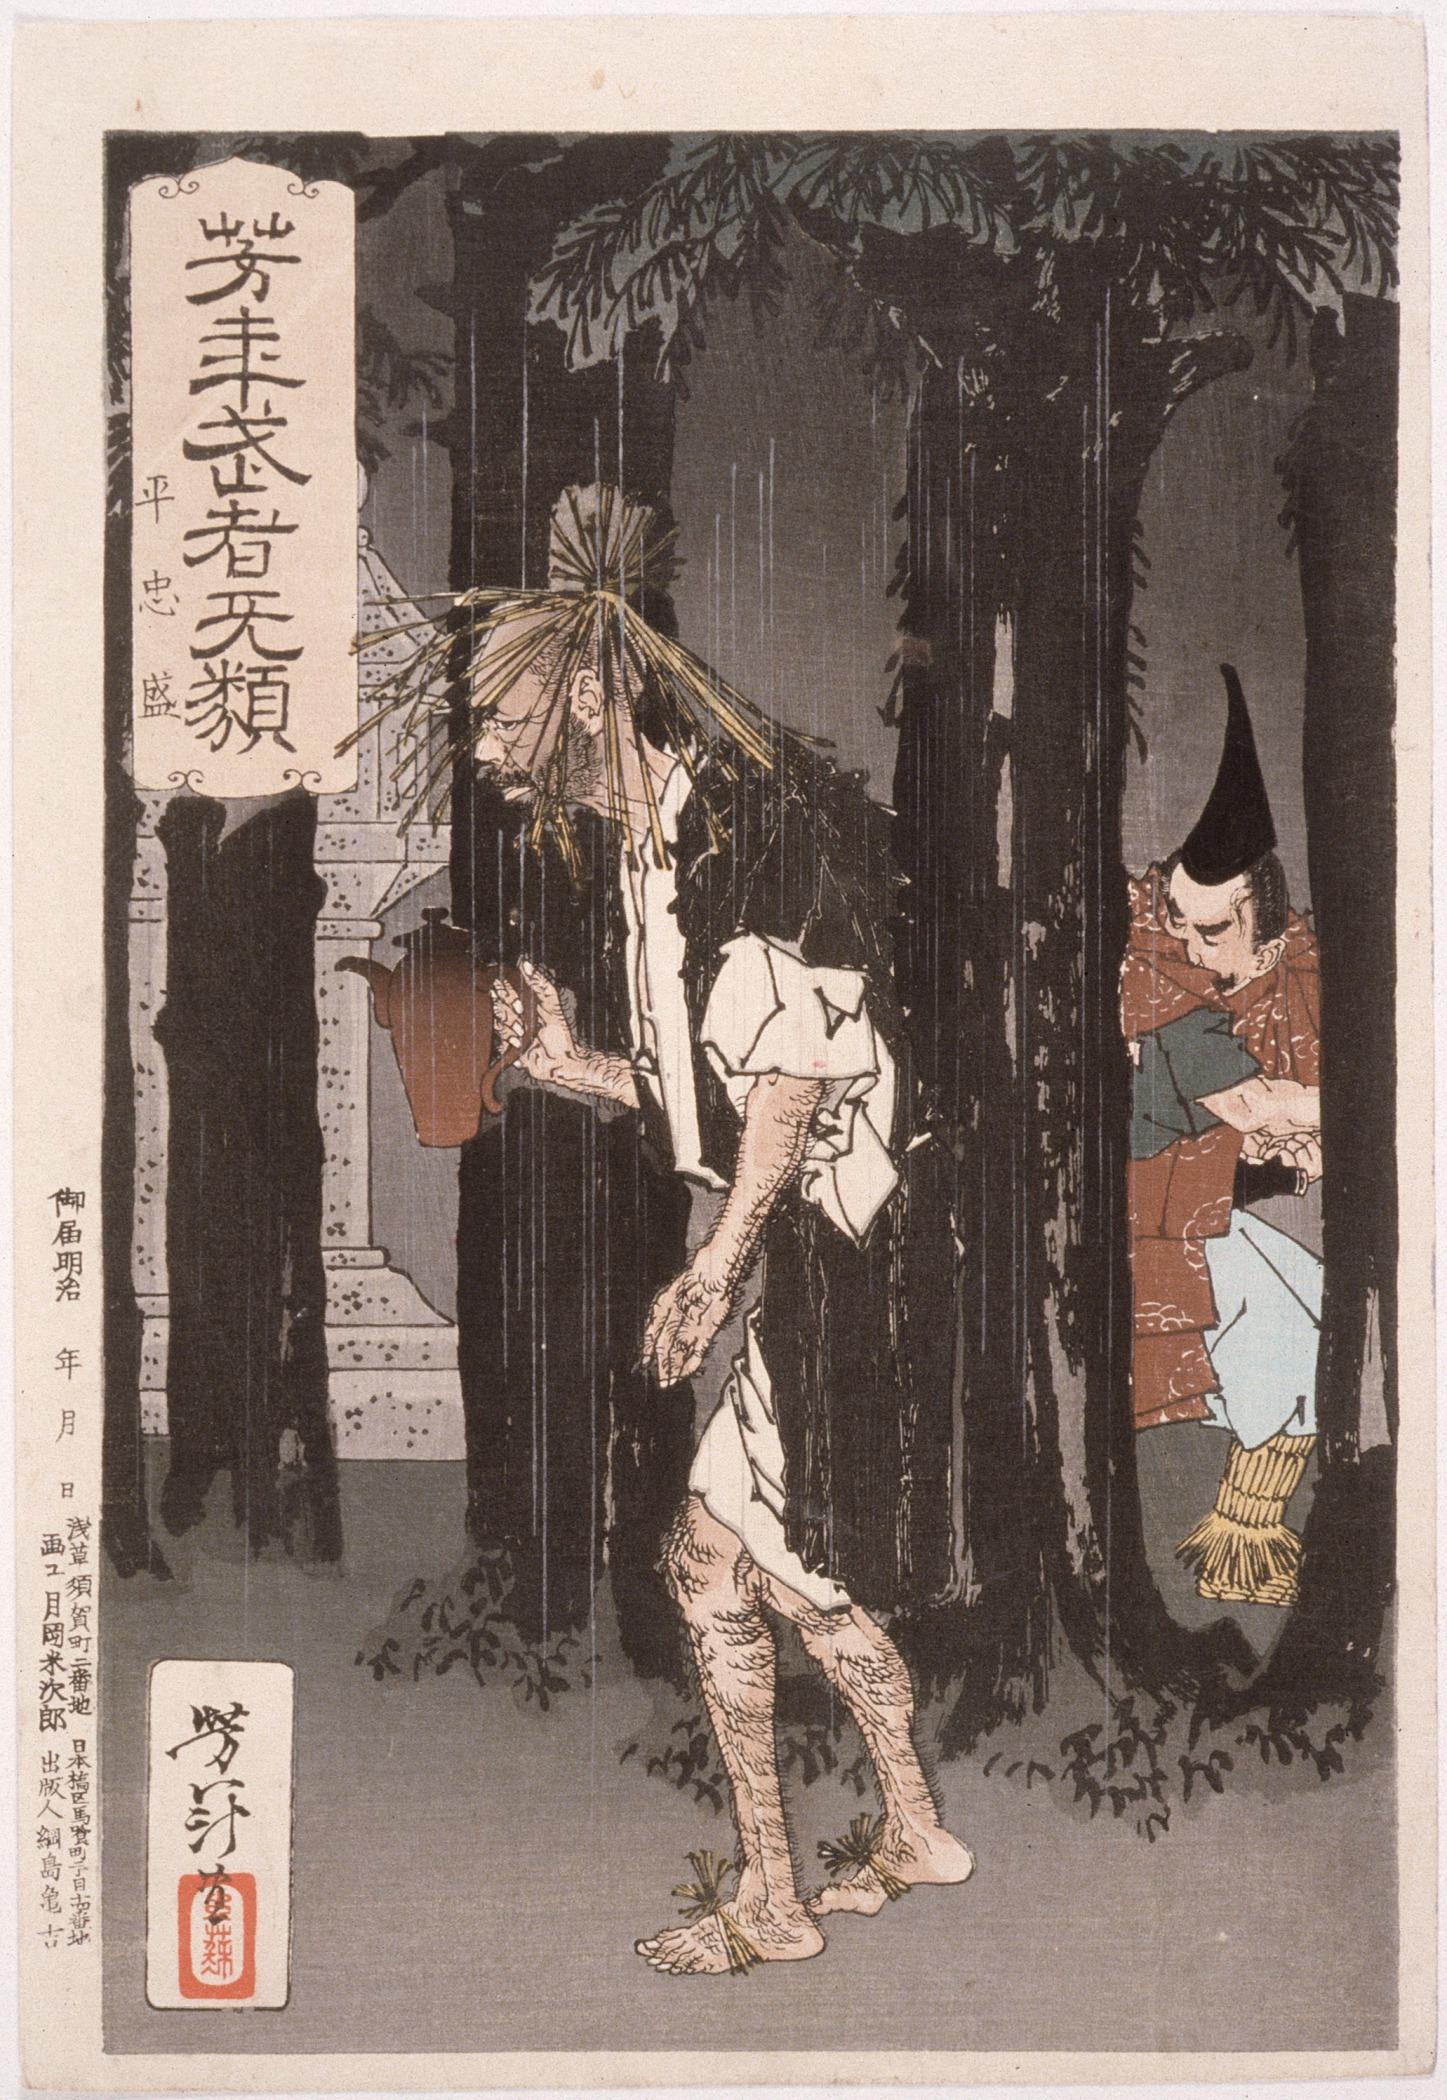 Tsukioka Yoshitoshi (Japan, 1839-1892) - Taira_no_Tadamori_and_the_Oil_Thief - Quelle: WikiCommons